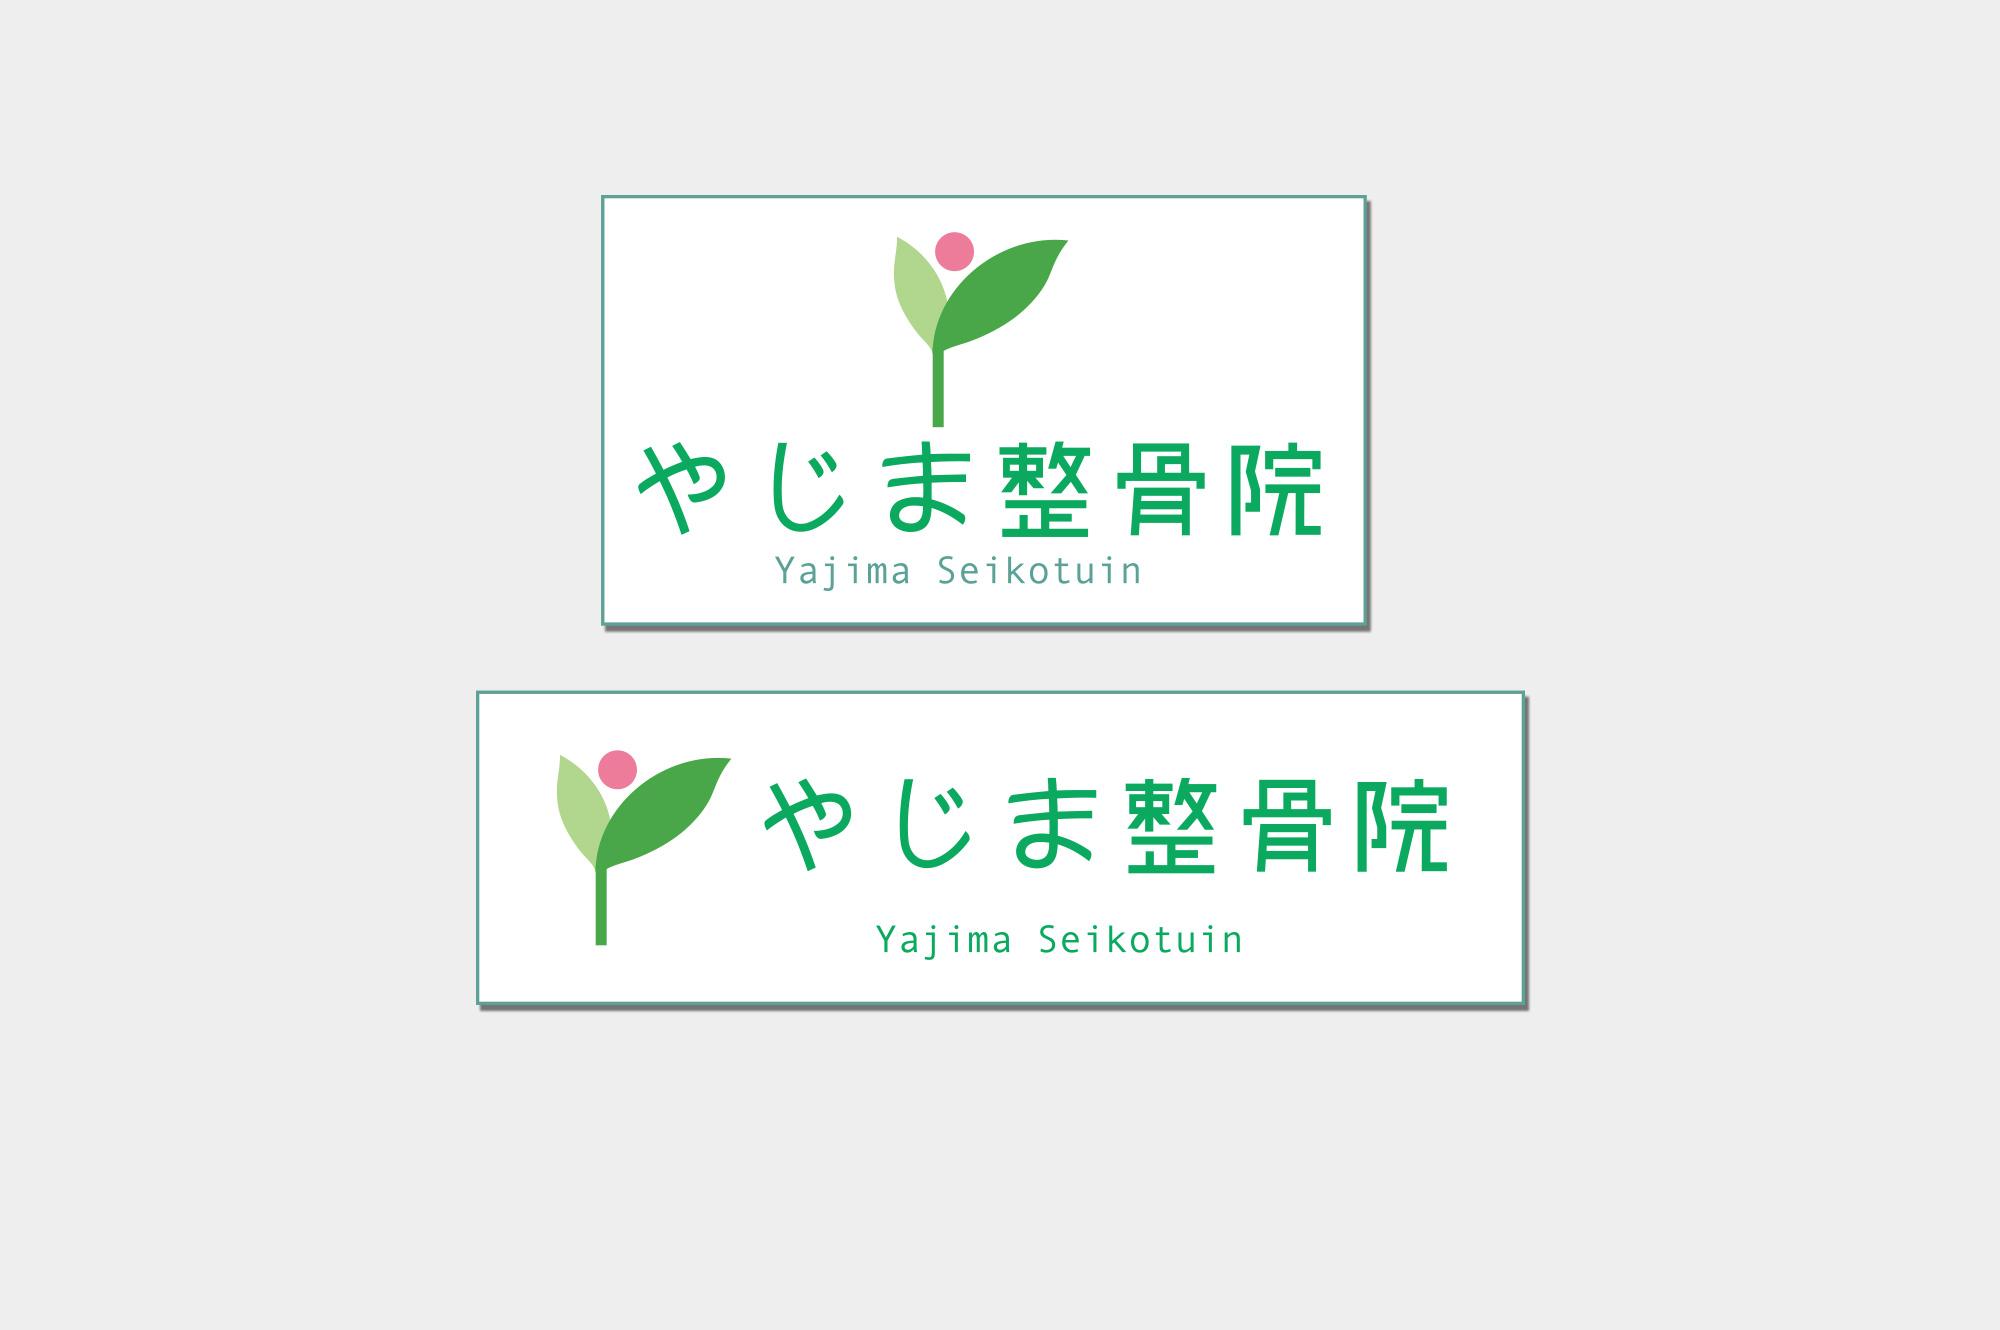 ロゴ制作(やじま整骨院様)